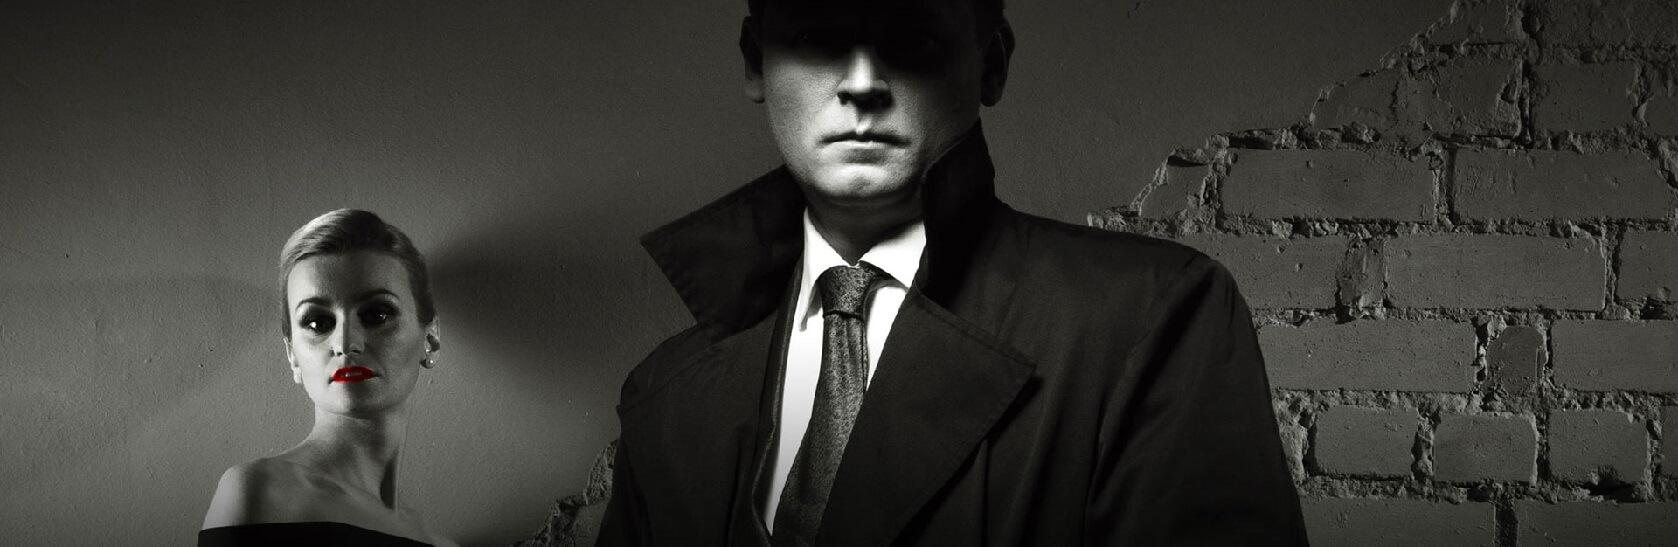 vrhunski zasebni detektiv